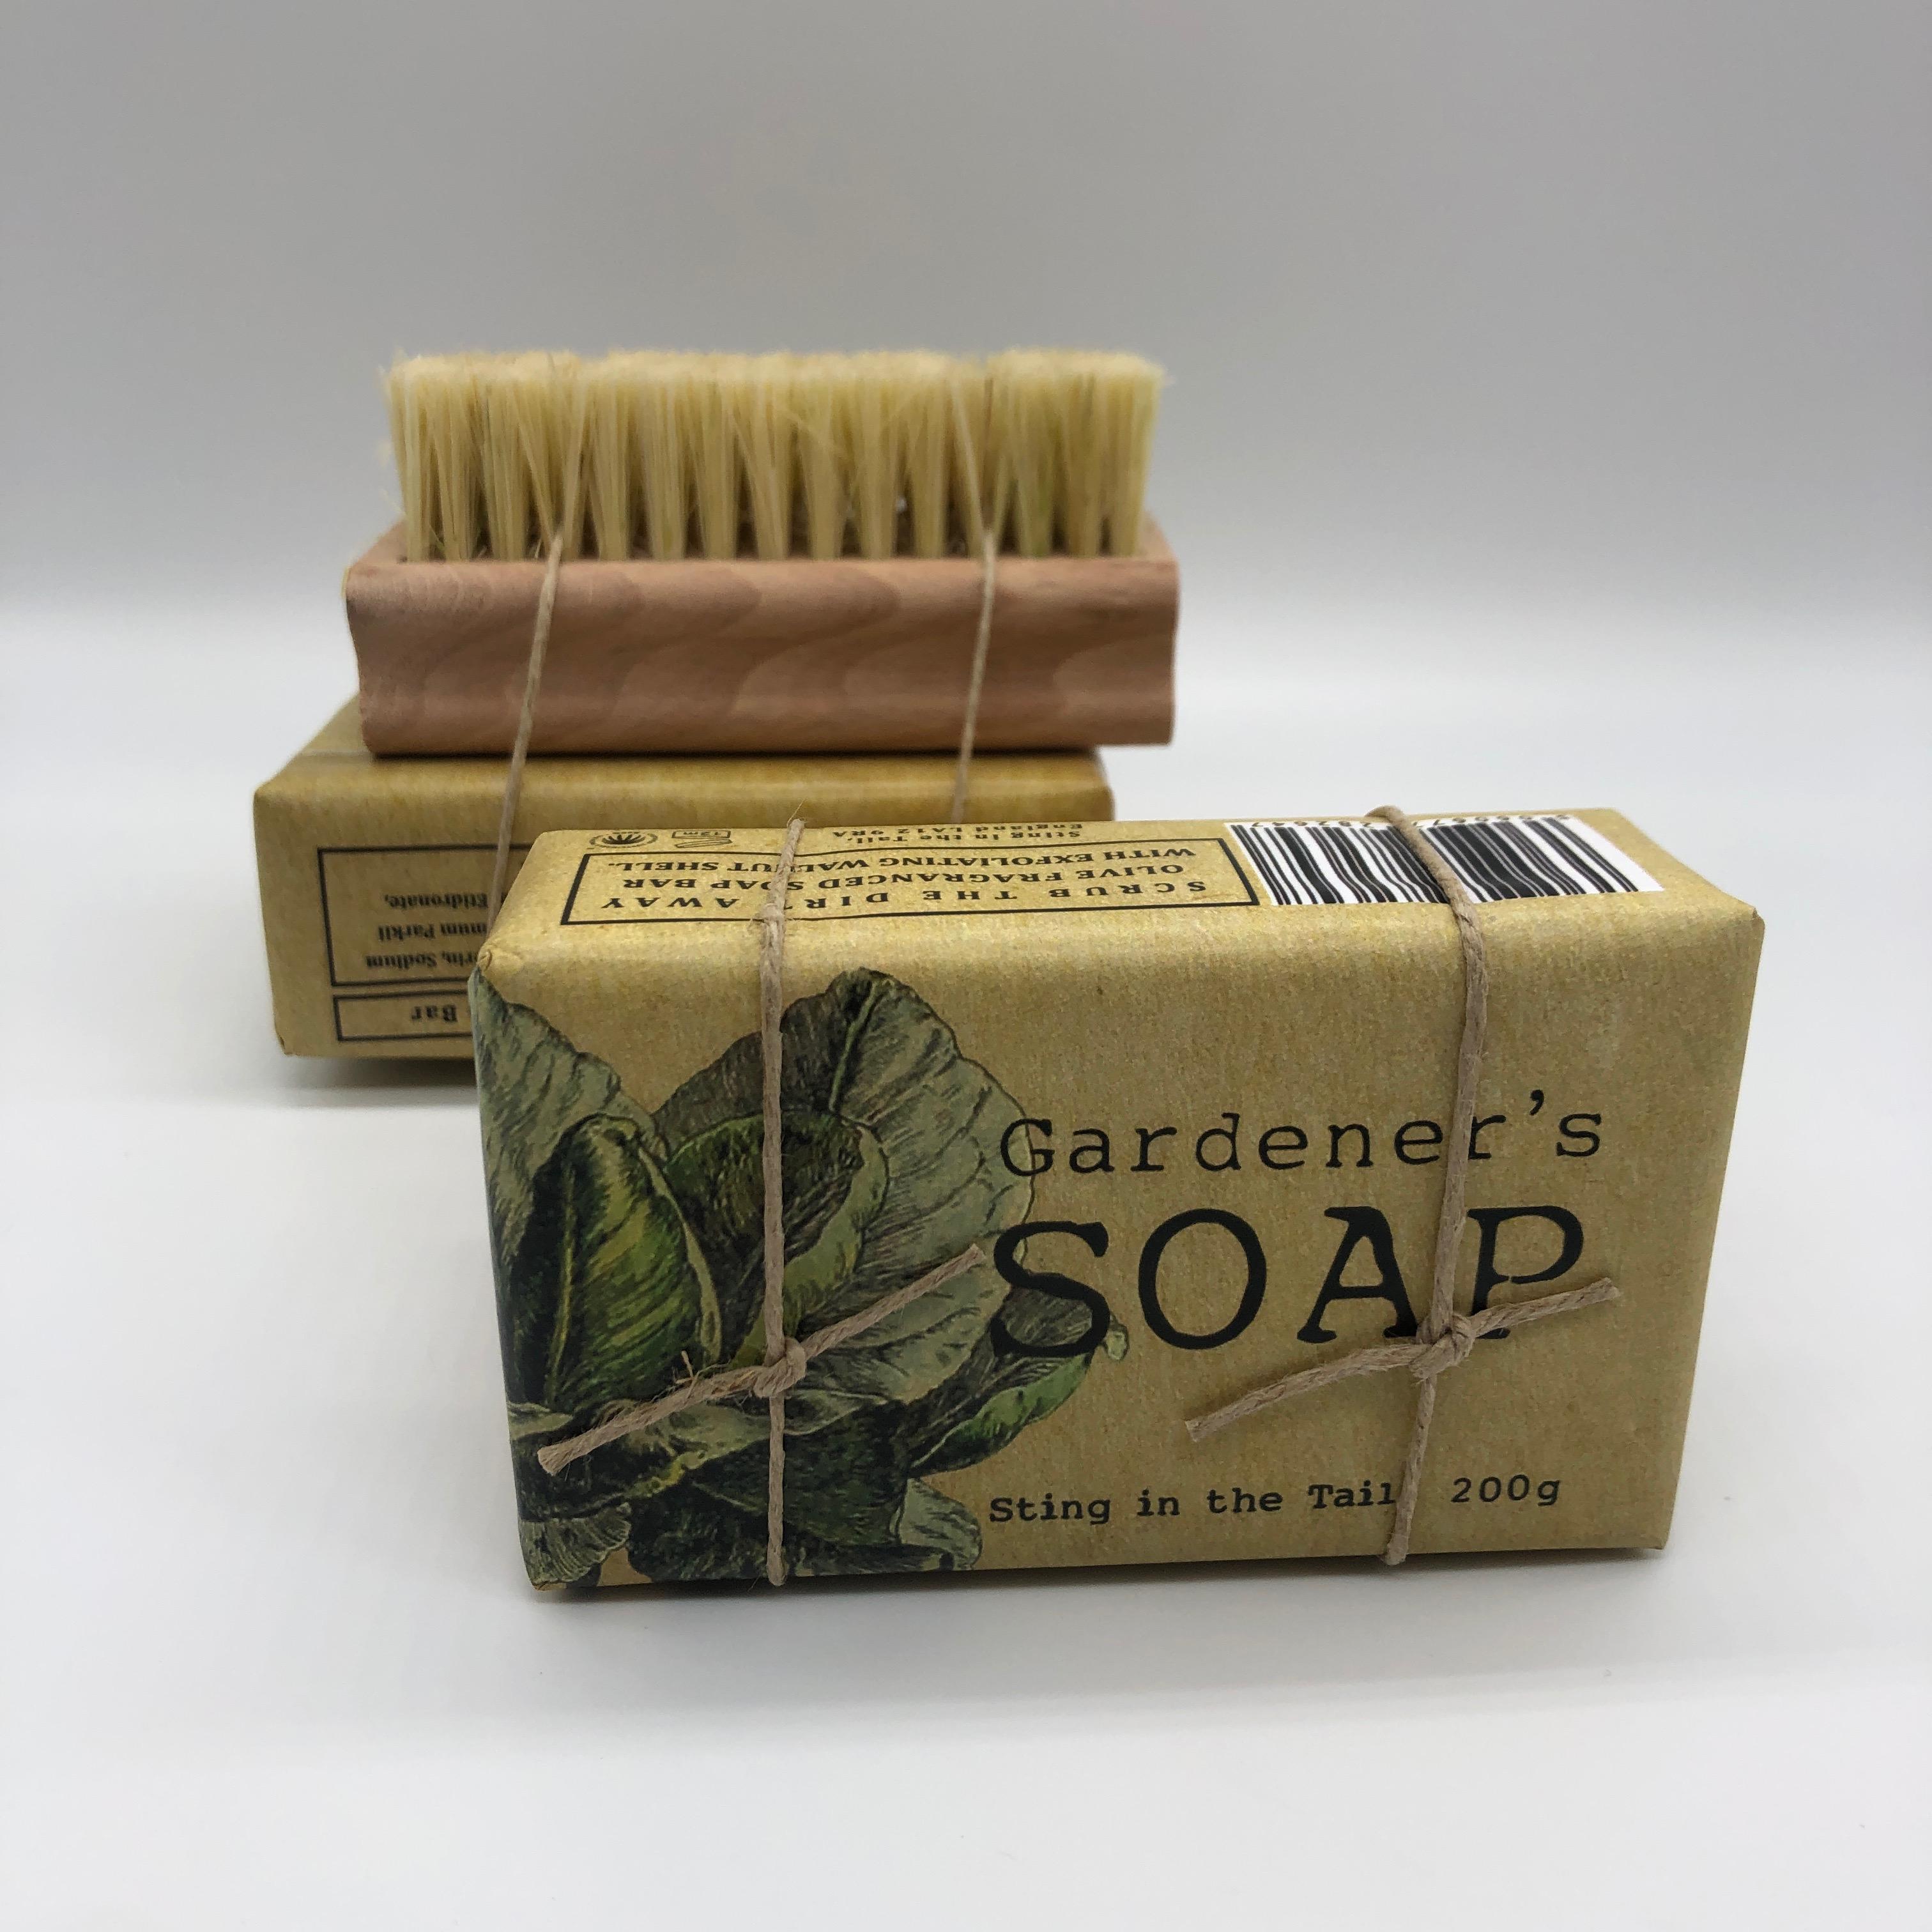 Gardener's Soap & Nailbrush